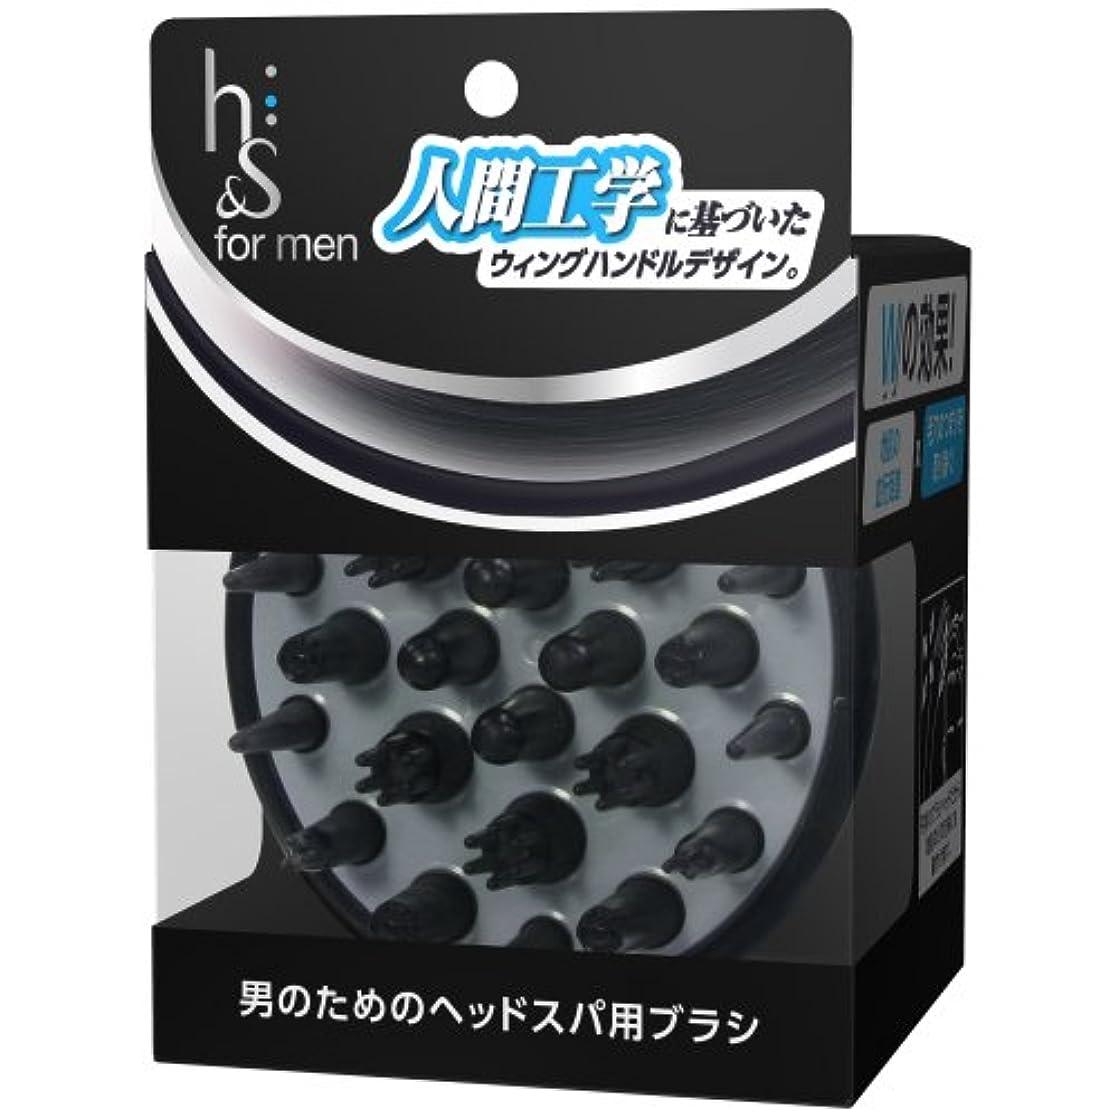 雪だるまアリス日没h&s for men 男のためのヘッドスパ用ブラシ